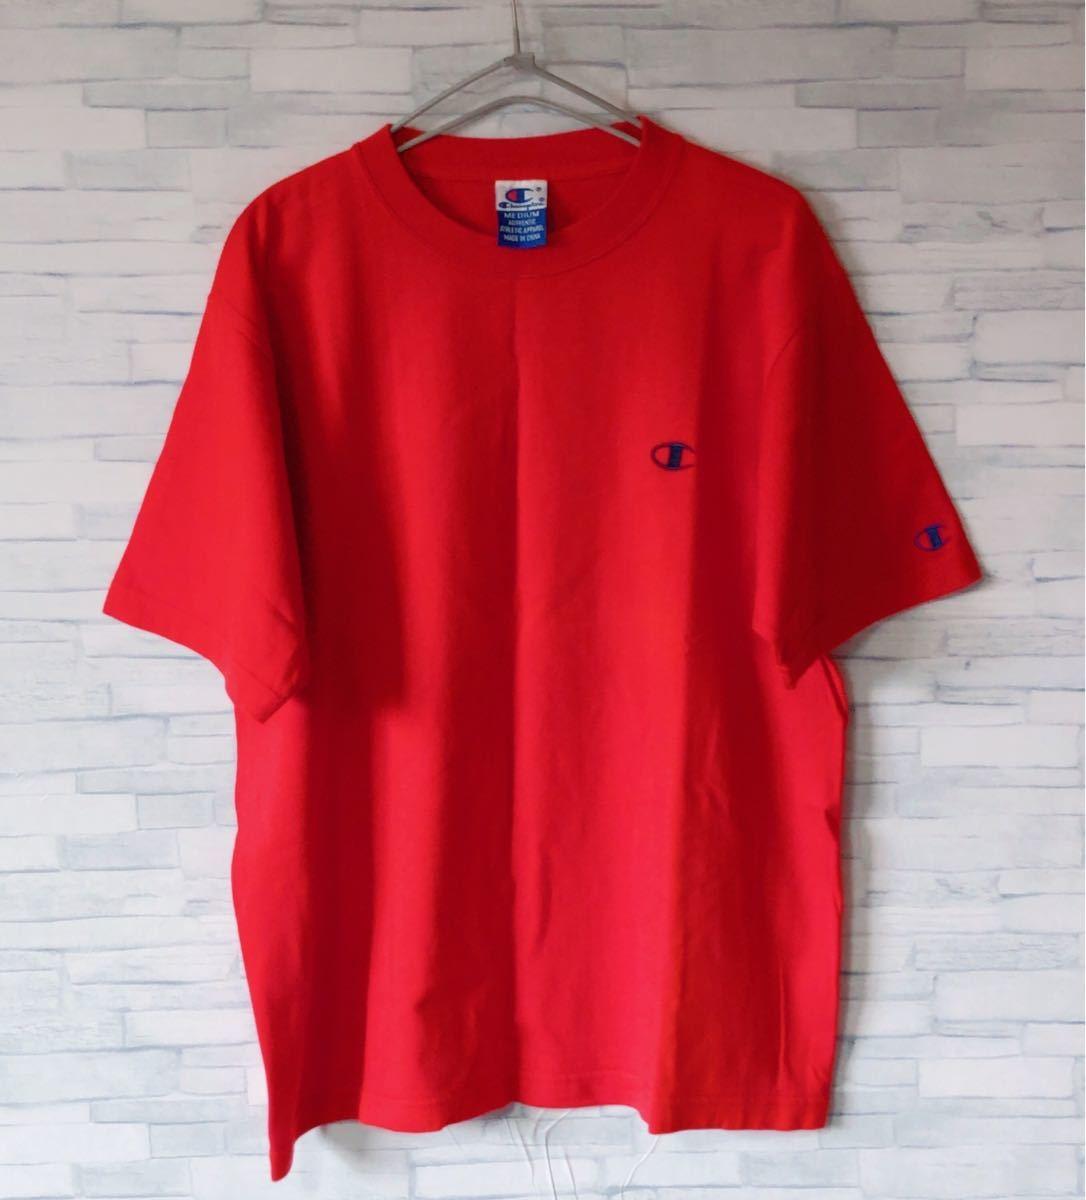 刺繍ロゴ ワンポイント チャンピオン 夏服 メンズ 半袖 Tシャツ Mサイズ